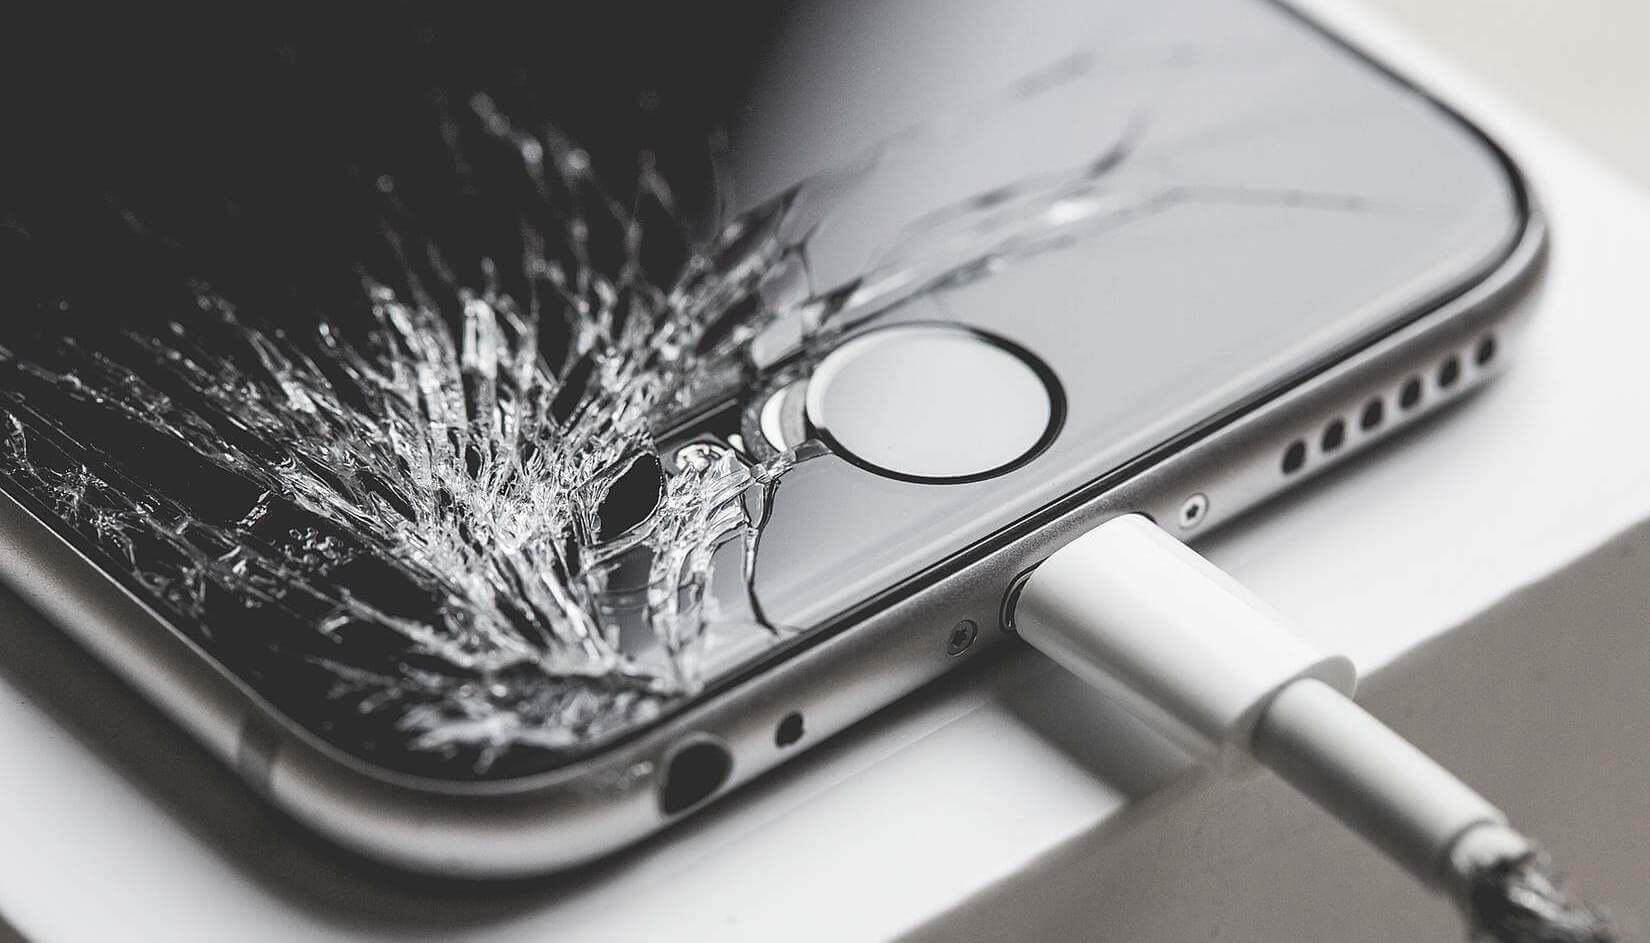 Разбил дисплей iPhone